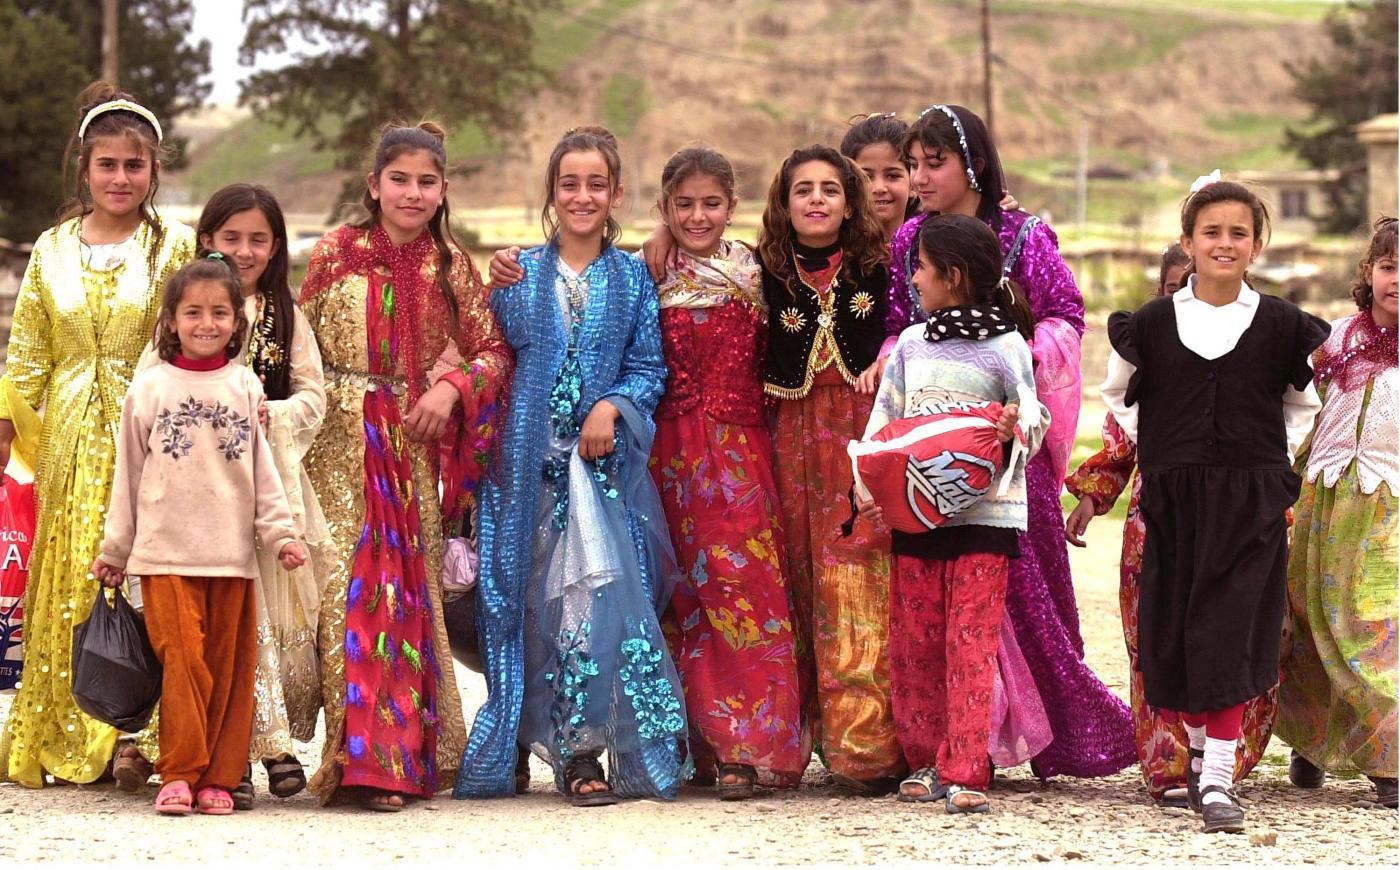 Vittoria, patrocinio del Comune per una conferenza sulle spose bambine